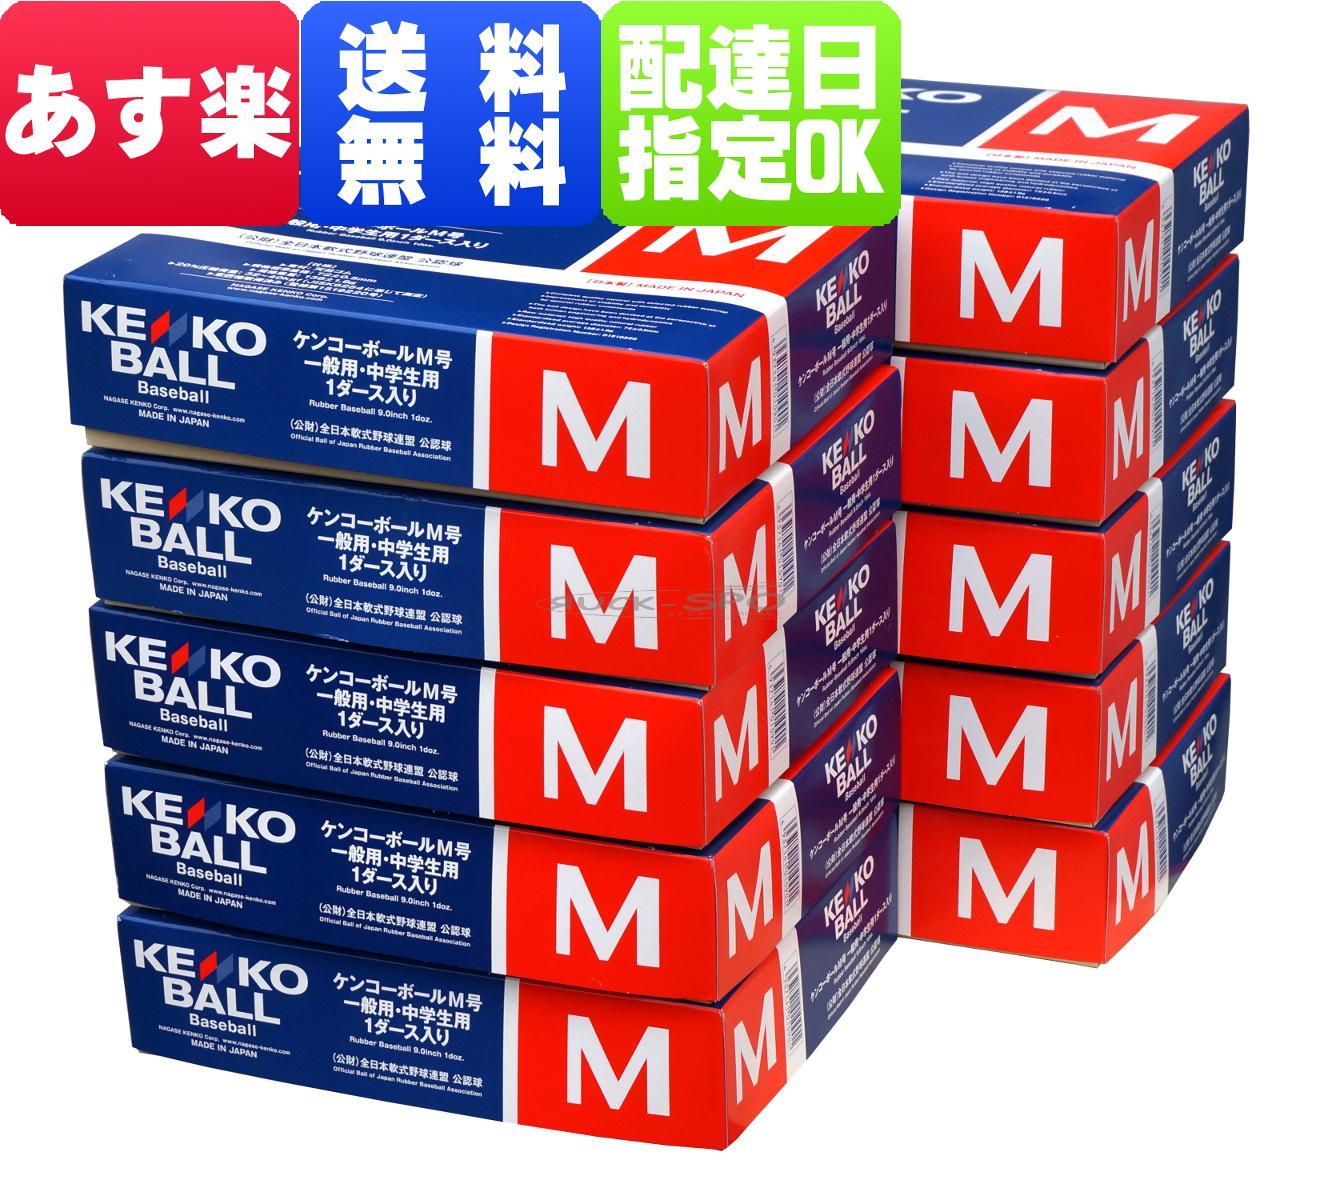 軟式野球ボールM号 ケンコーボール公認球 120個 10ダース入りM-10DZ 送料無料 KENKO